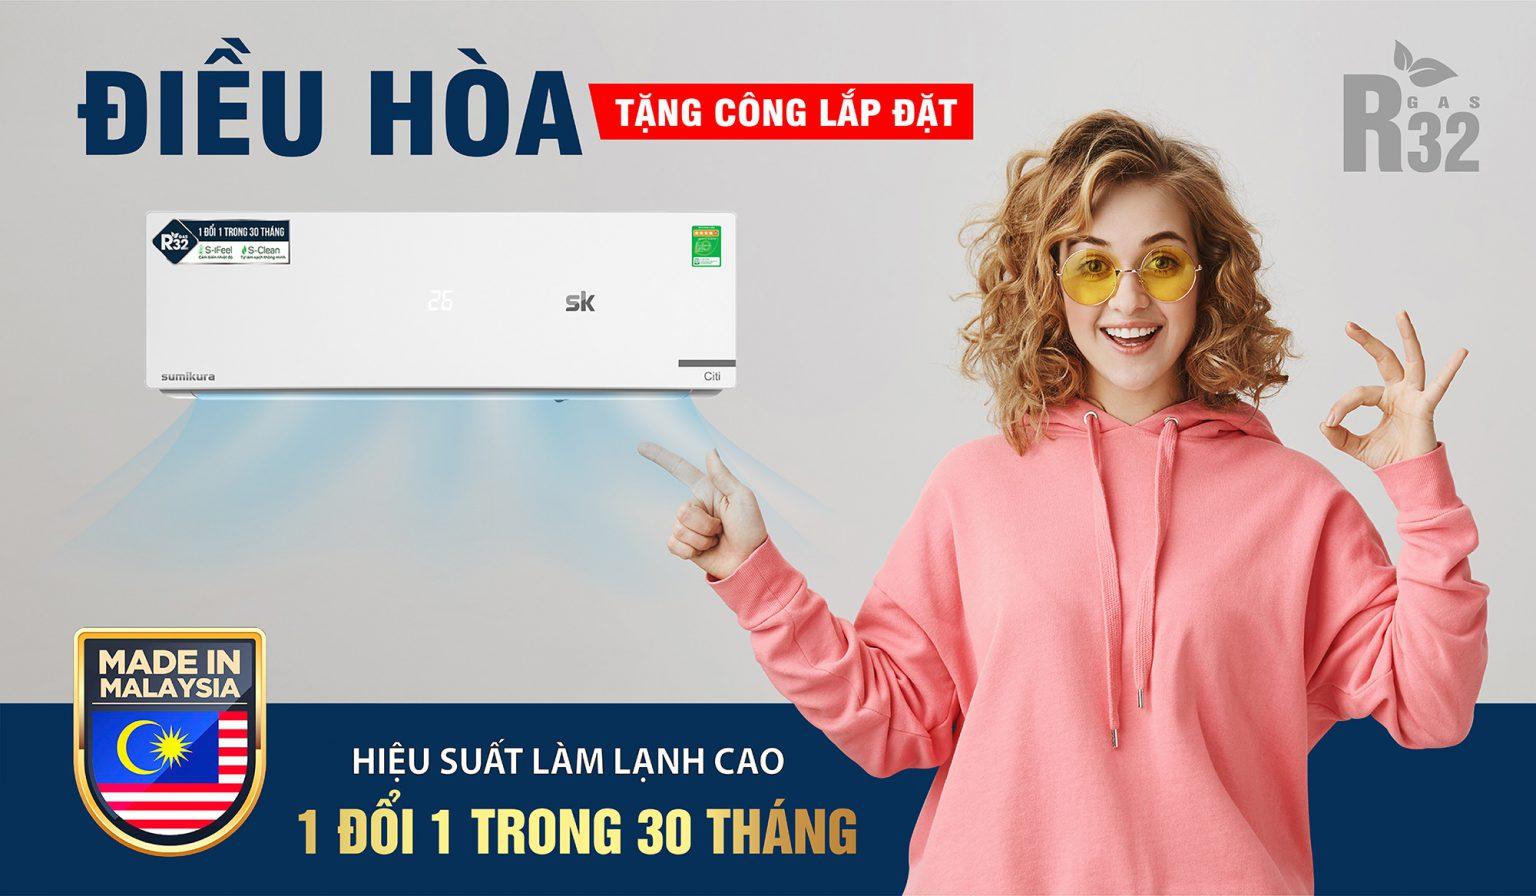 Banner khuyen mai dieu hoa 2021 99 1536x896 1